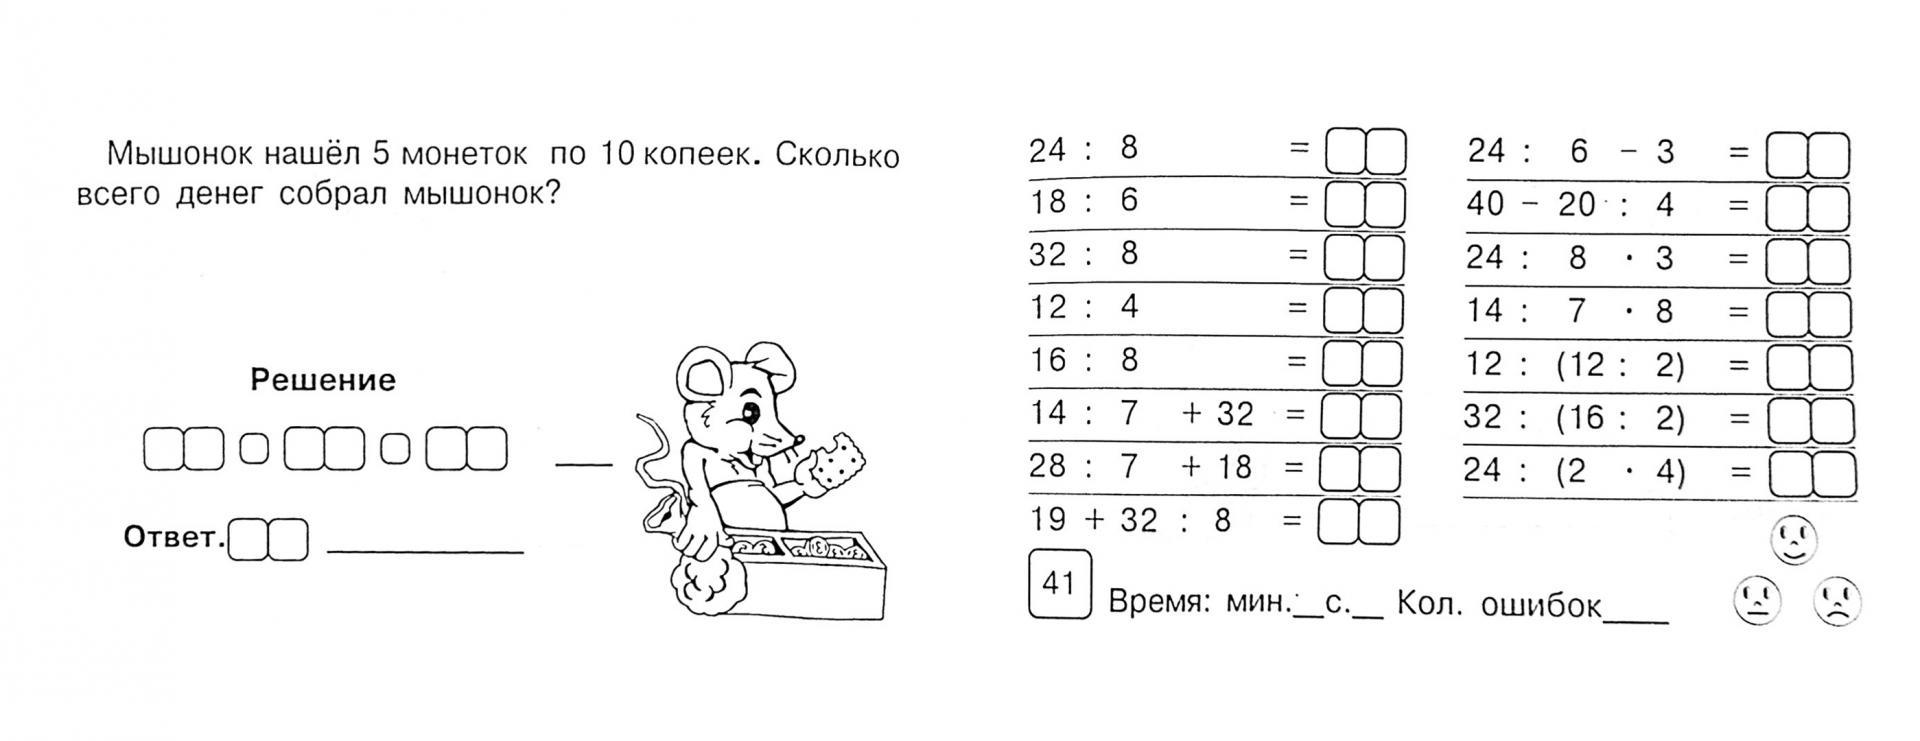 Иллюстрация 1 из 2 для Математика. Блиц-контроль знаний. 3 класс. 1-е полугодие. ФГОС - Марк Беденко   Лабиринт - книги. Источник: Лабиринт